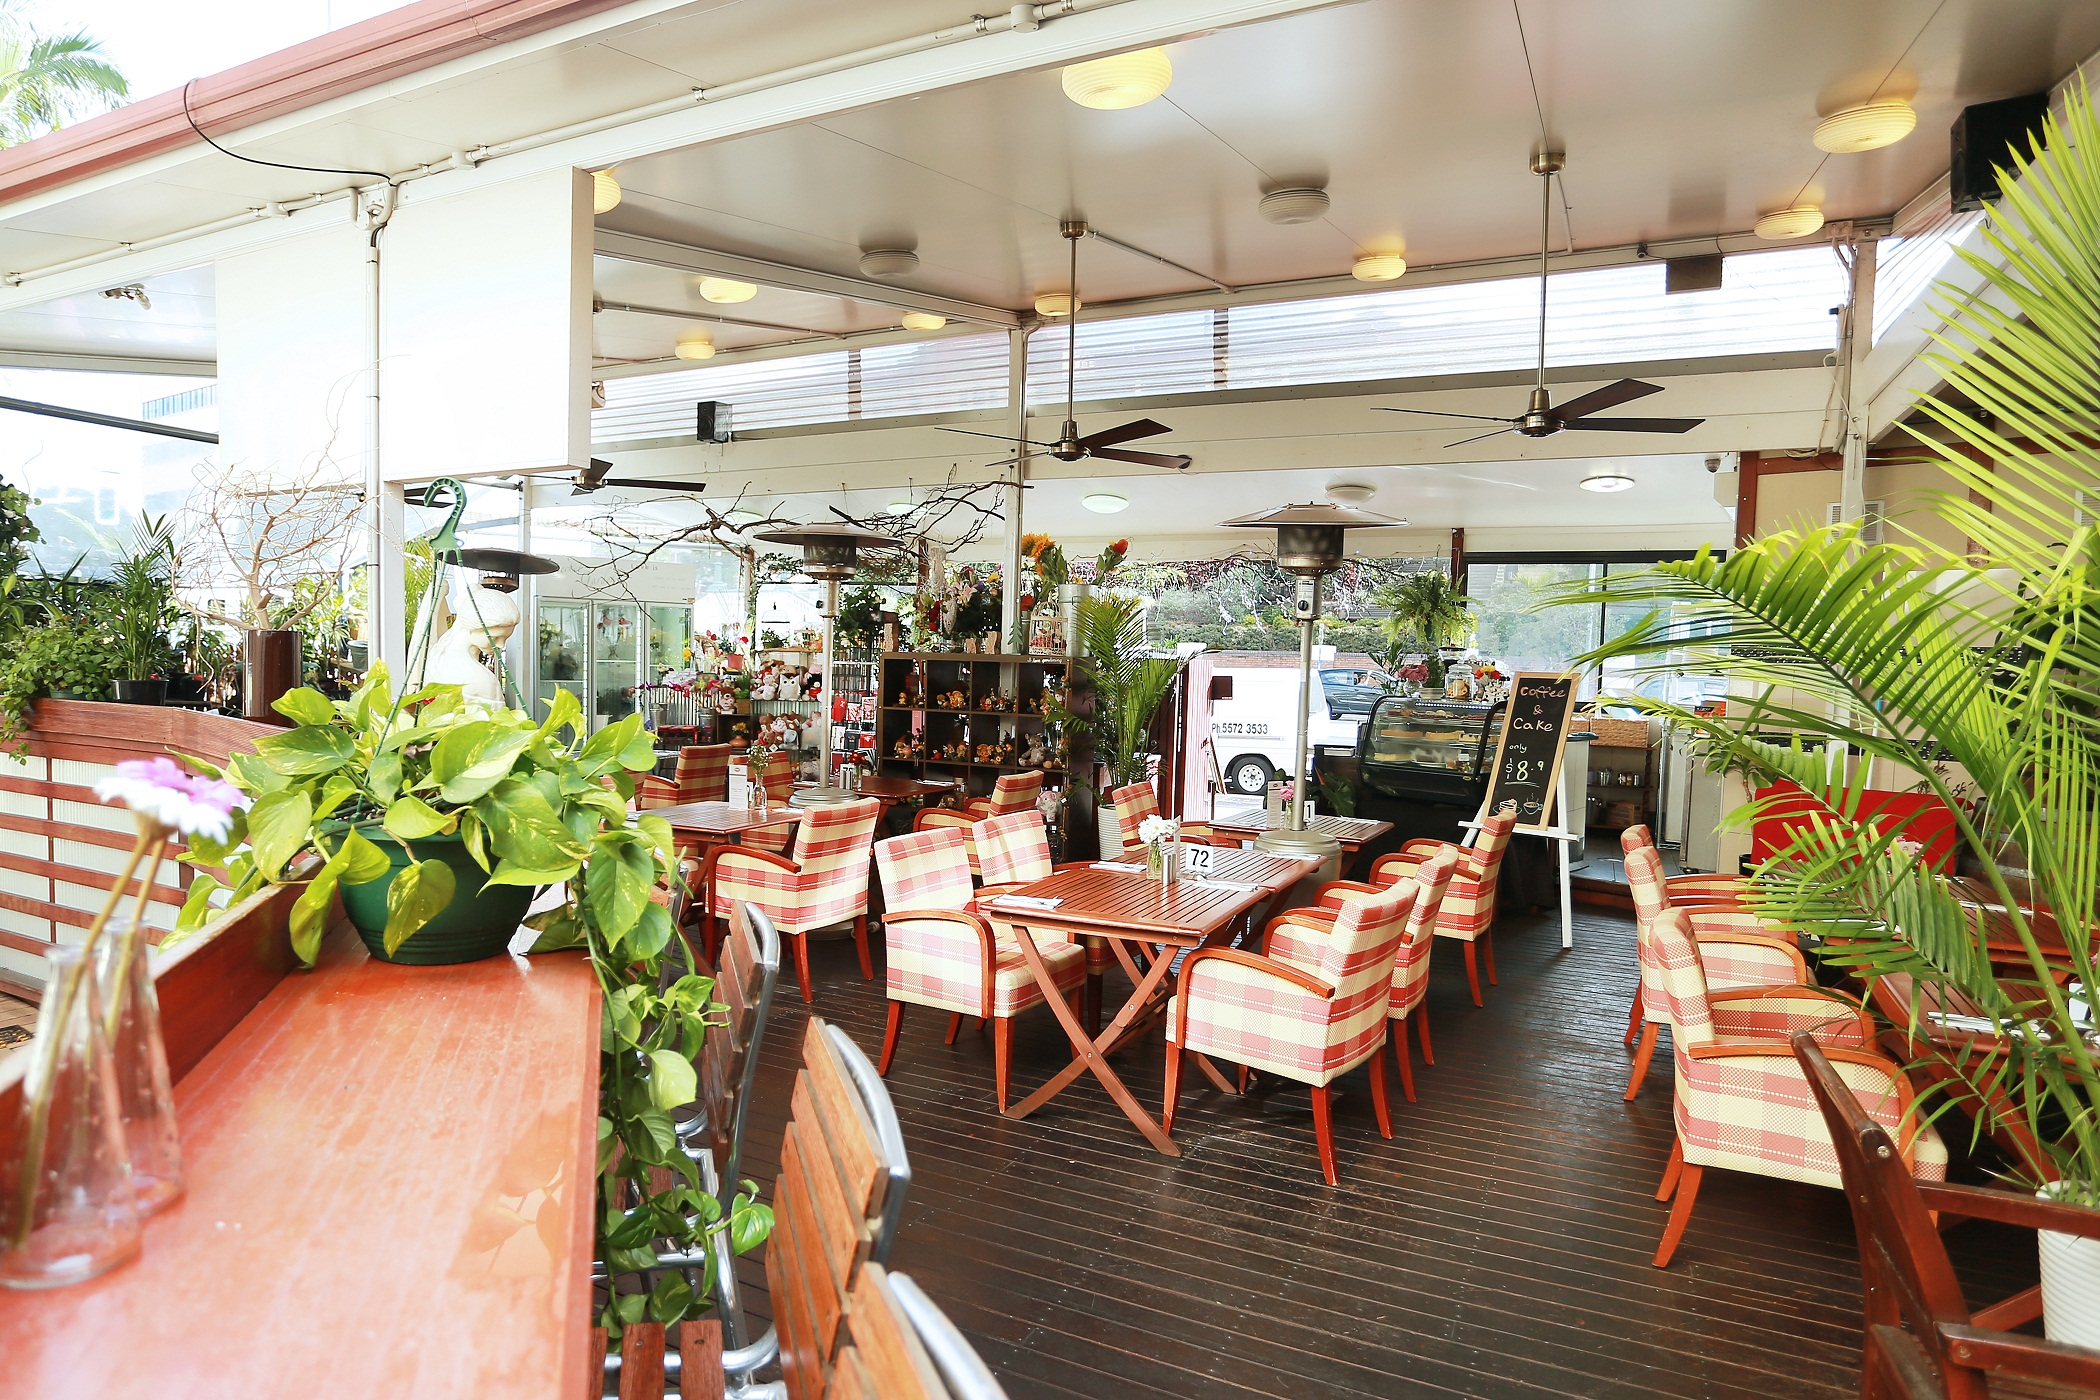 Hotel Restaurant (Cafe Blossom)